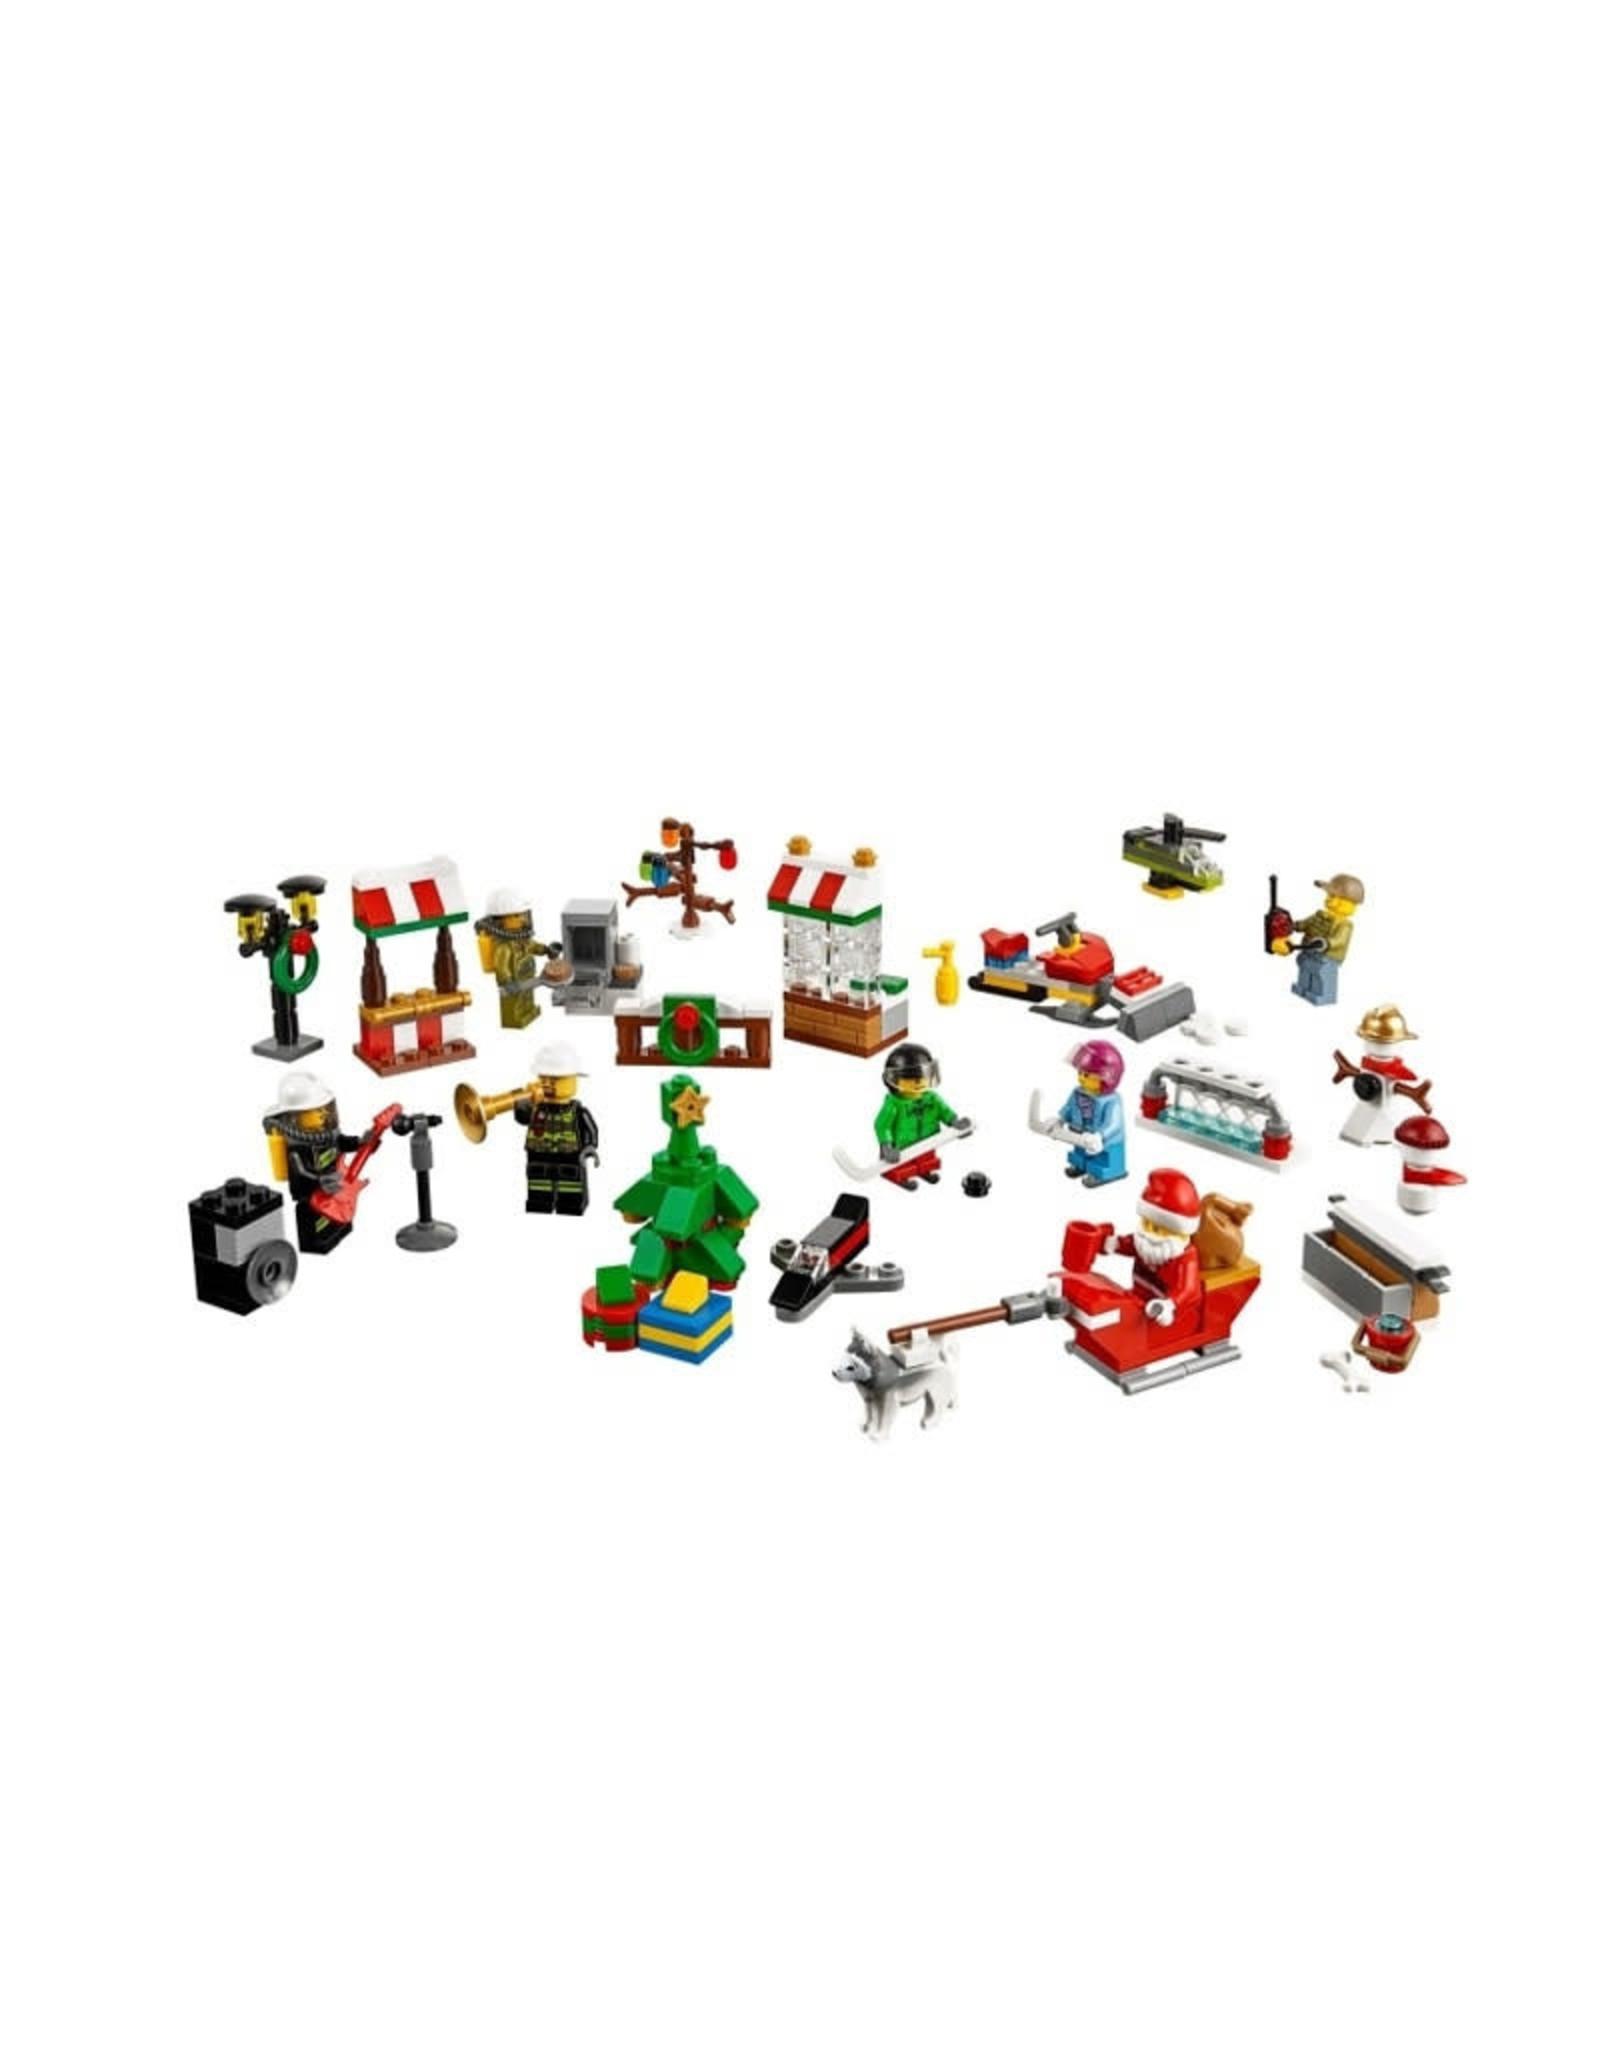 LEGO LEGO 60133 Adventkalender CITY SPECIALS